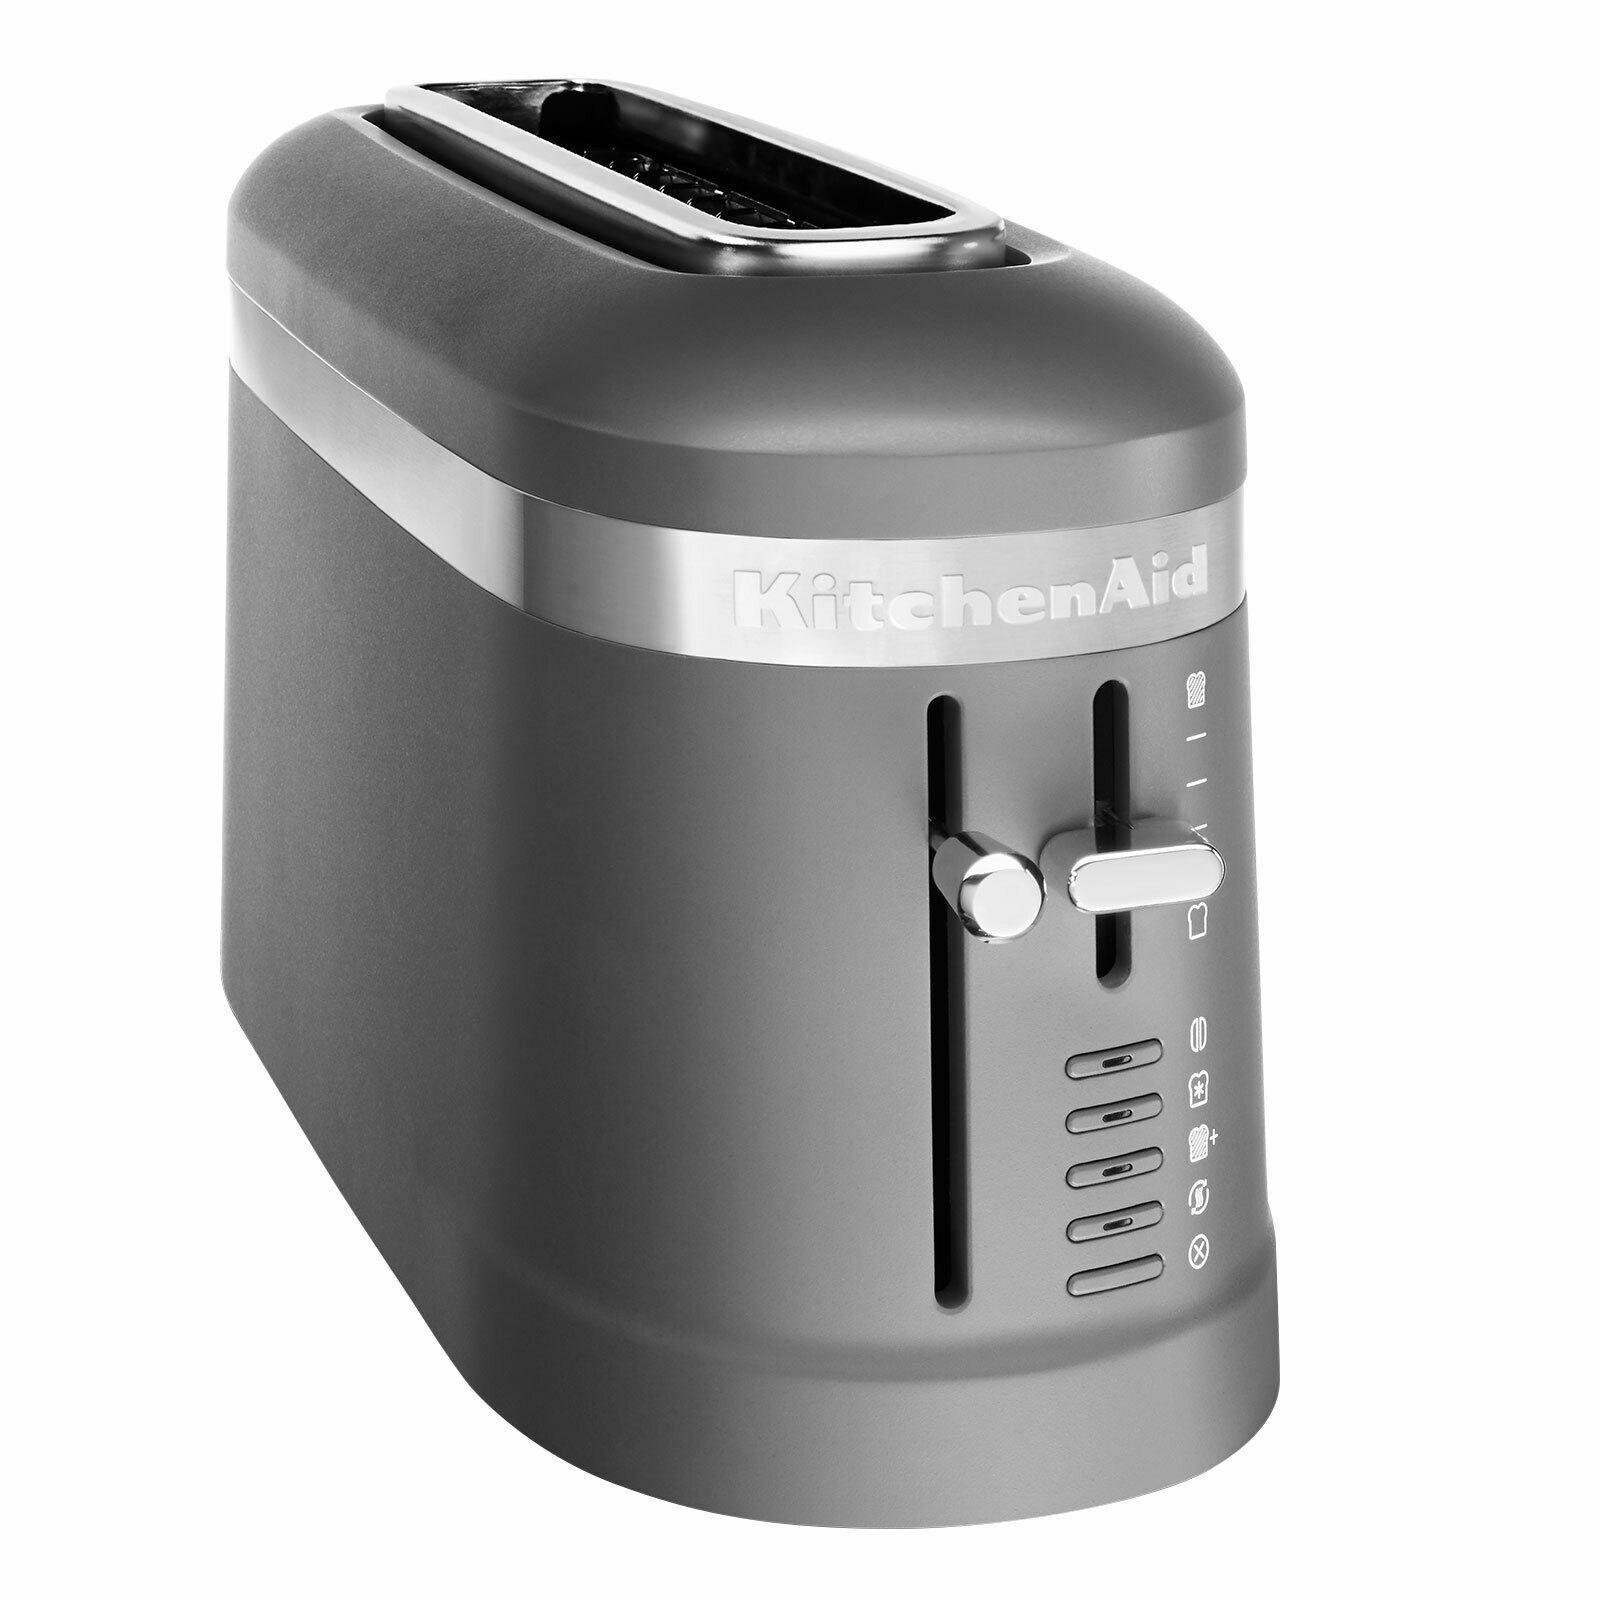 Bild zu [B-Ware] Langschlitztoaster KitchenAid 5KMT3115 für 44,91€ (Vergleich: 89,39€)